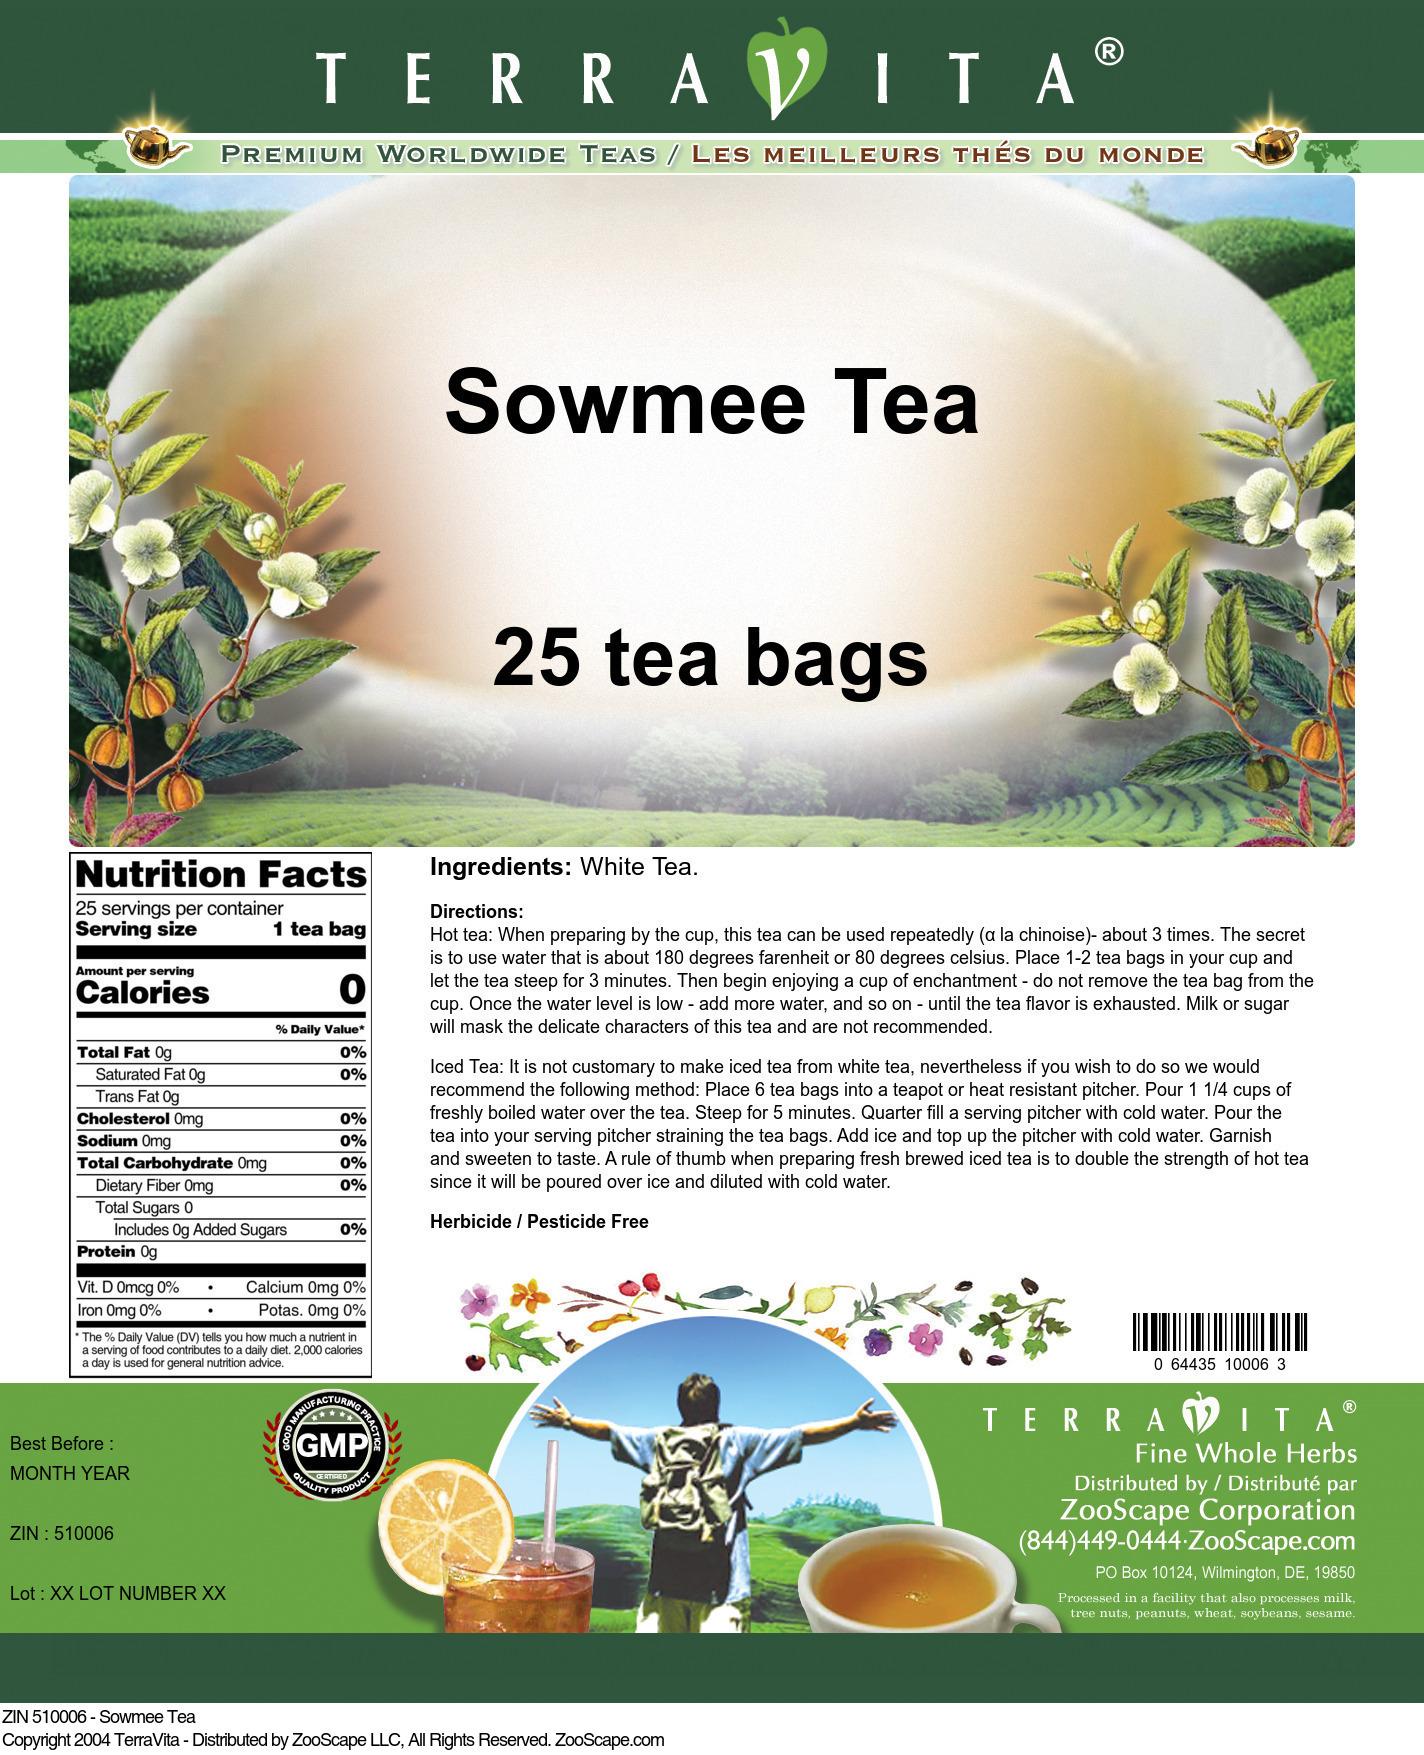 Sowmee Tea